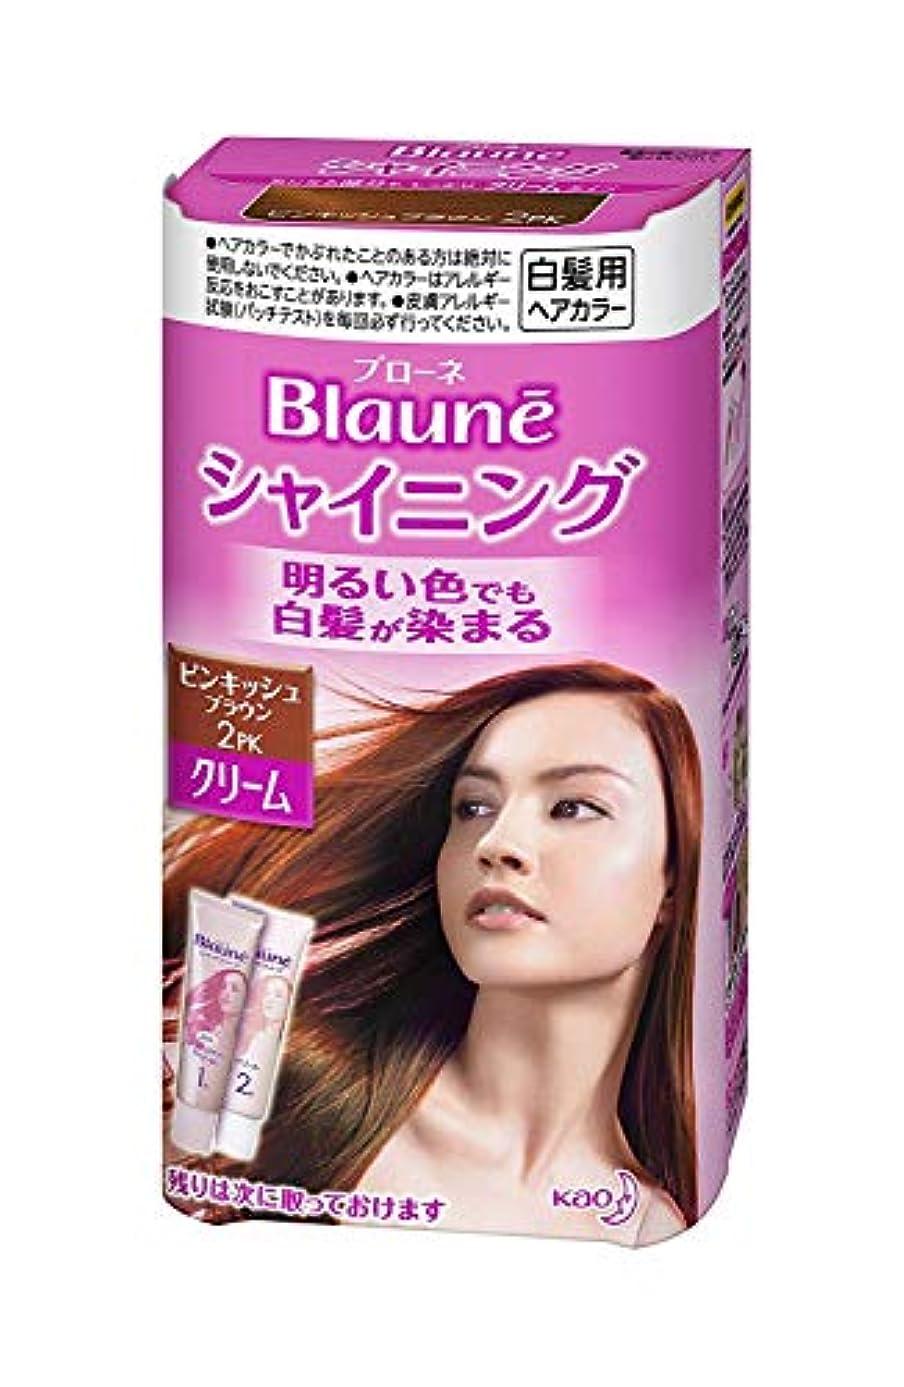 起きろエネルギーファン【花王】ブローネ シャイニングヘアカラークリーム2PK ピンキッシュブラウン ×20個セット